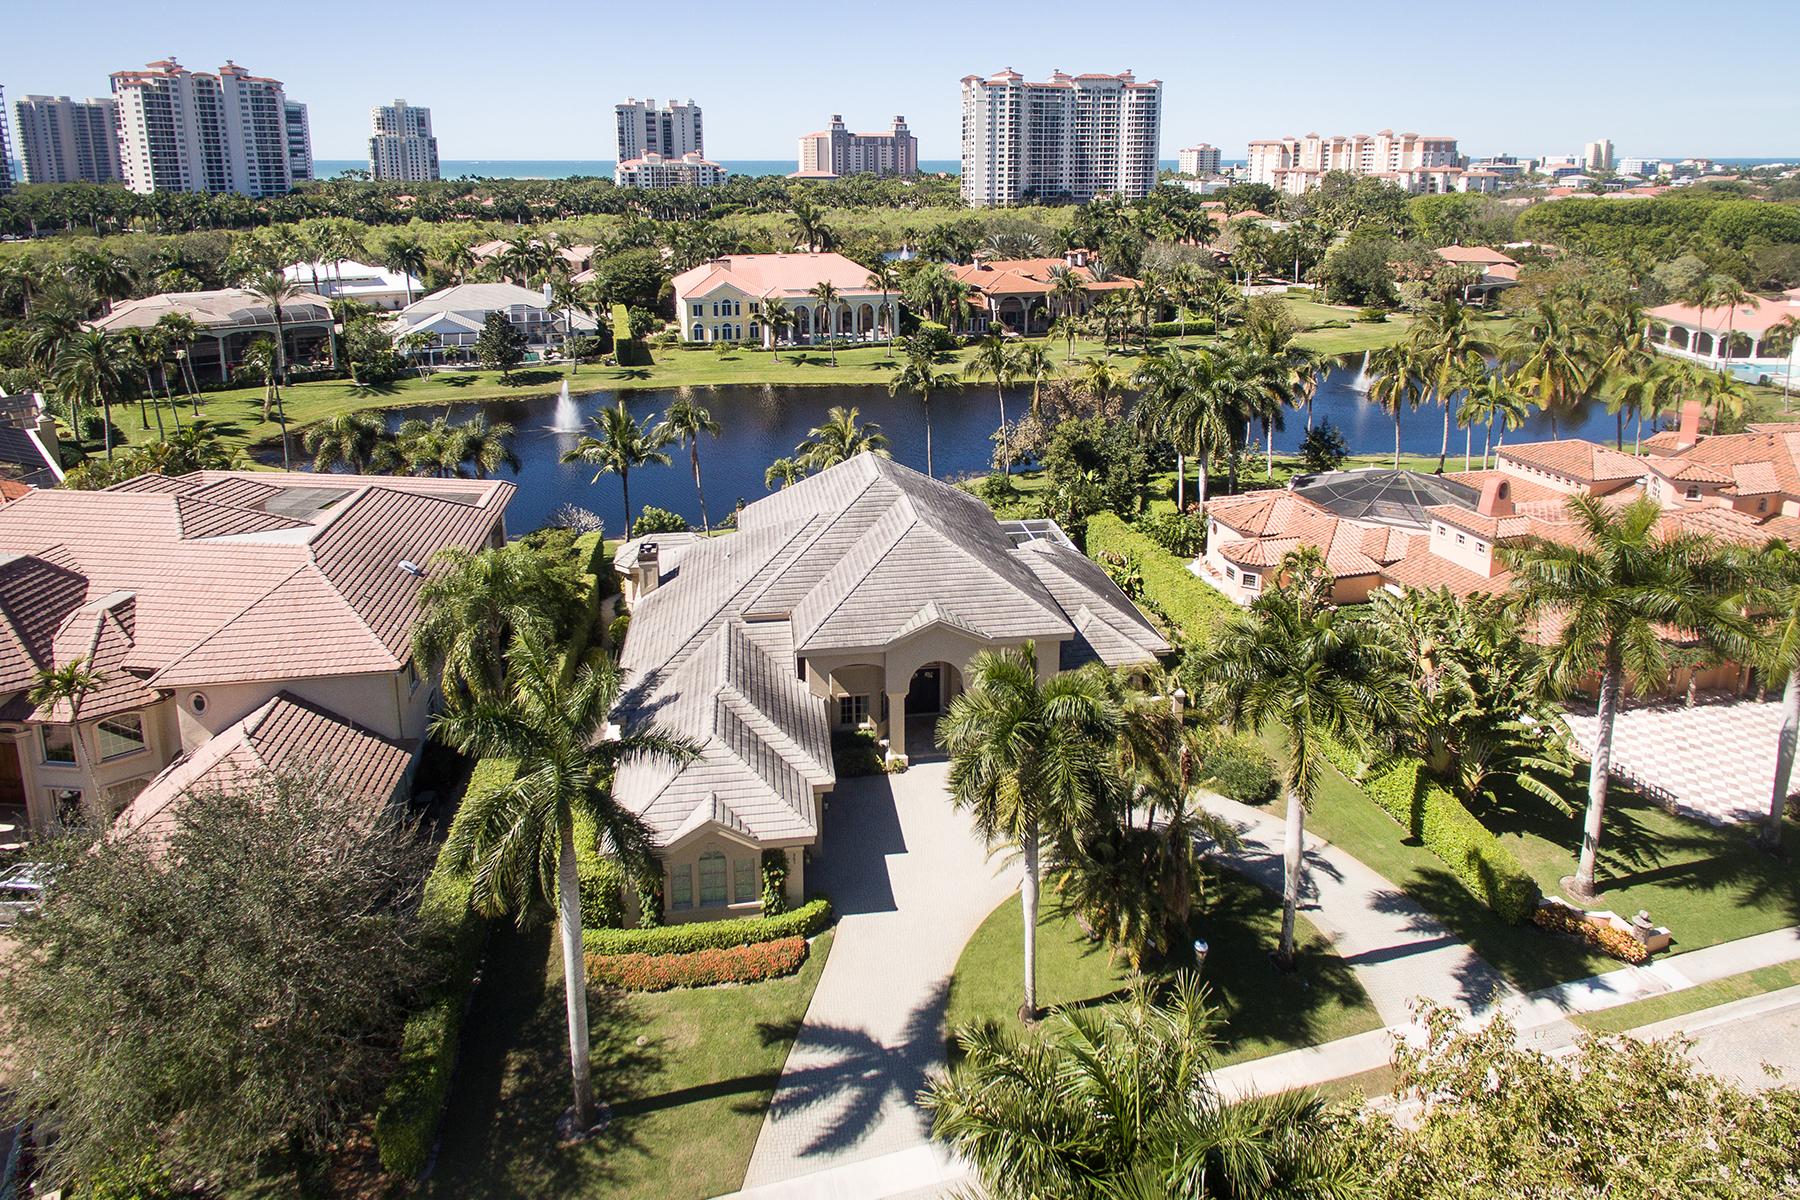 Maison unifamiliale pour l Vente à PELICAN BAY - BAY COLONY SHORES 367 Colony Dr Naples, Florida, 34108 États-Unis